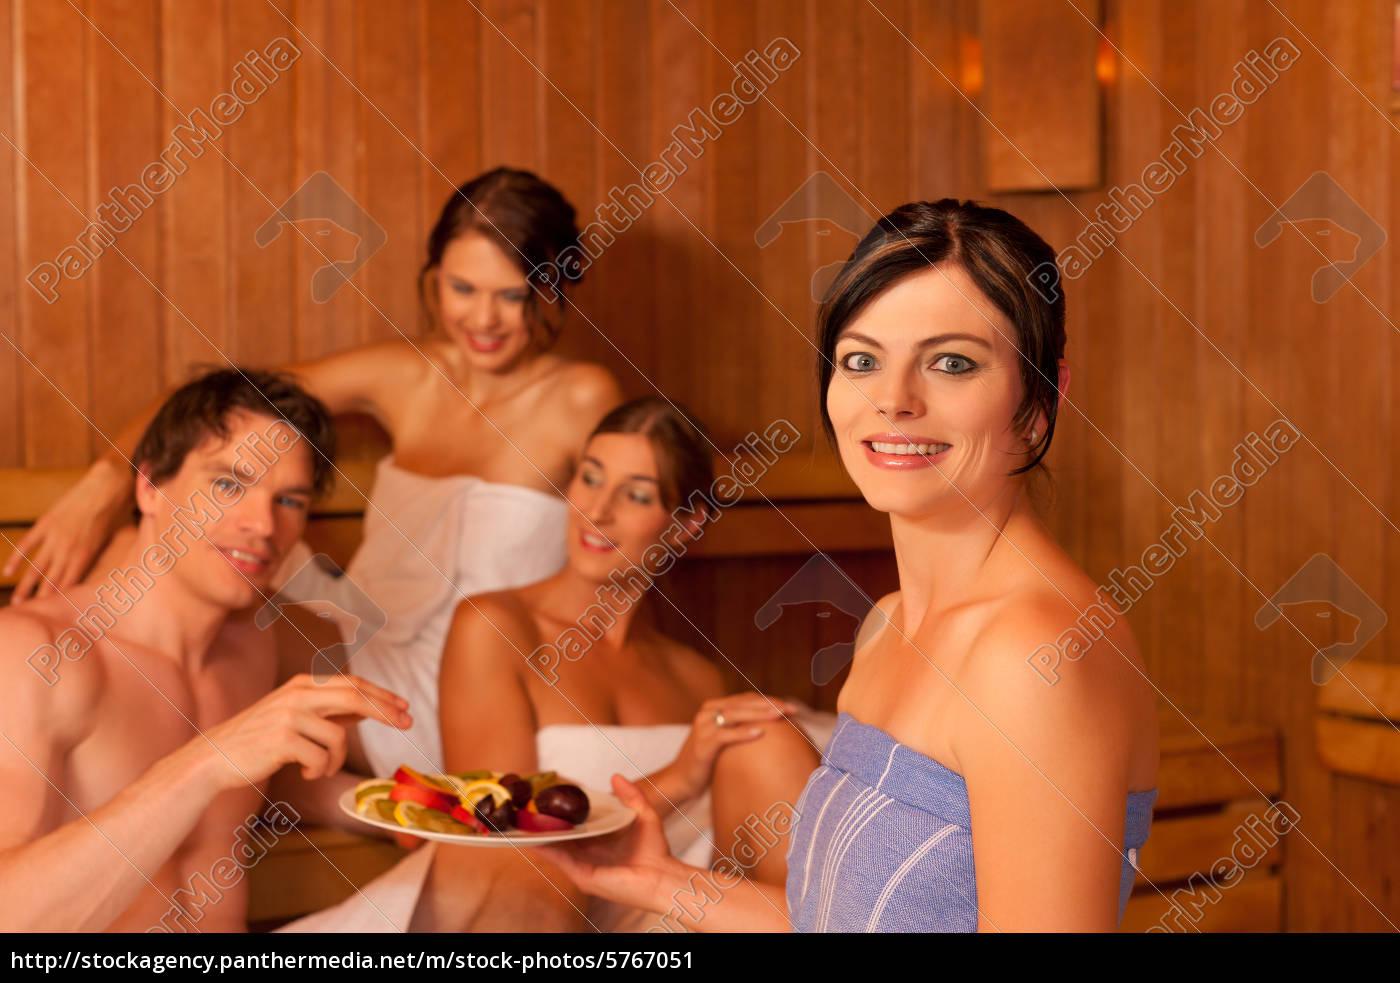 С женой и друзьями в сауне, Жена в сауне с друзьями 19 фотография